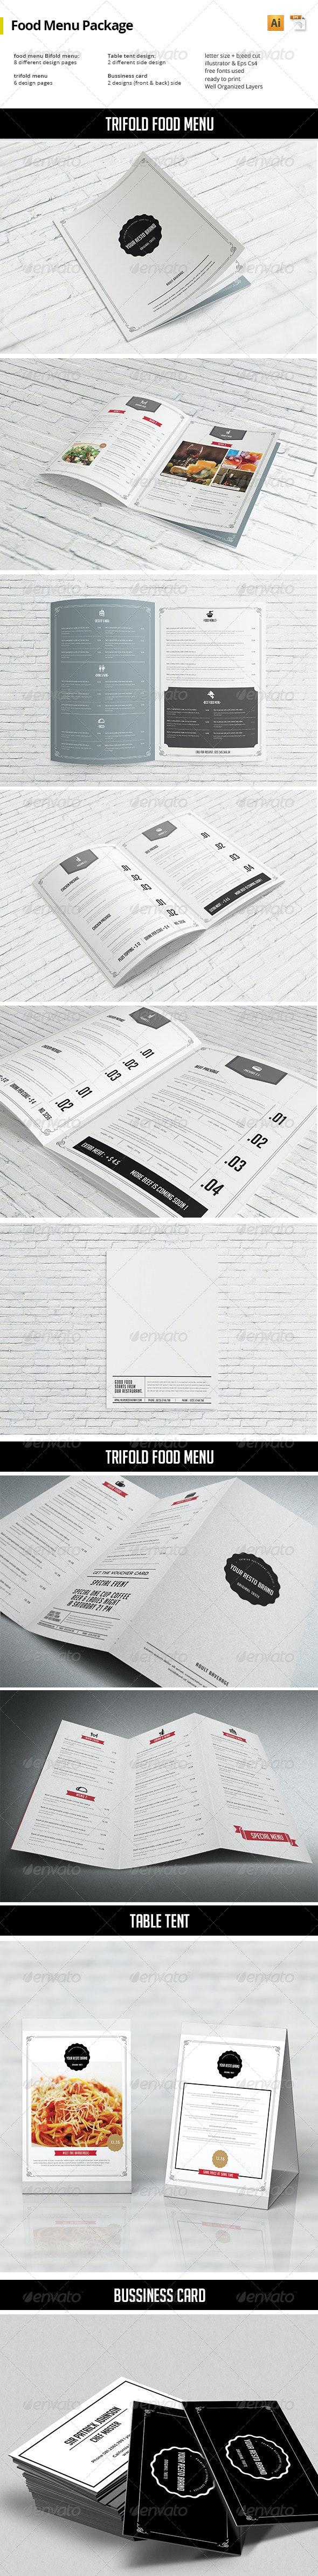 Food Menu Package - Print Templates